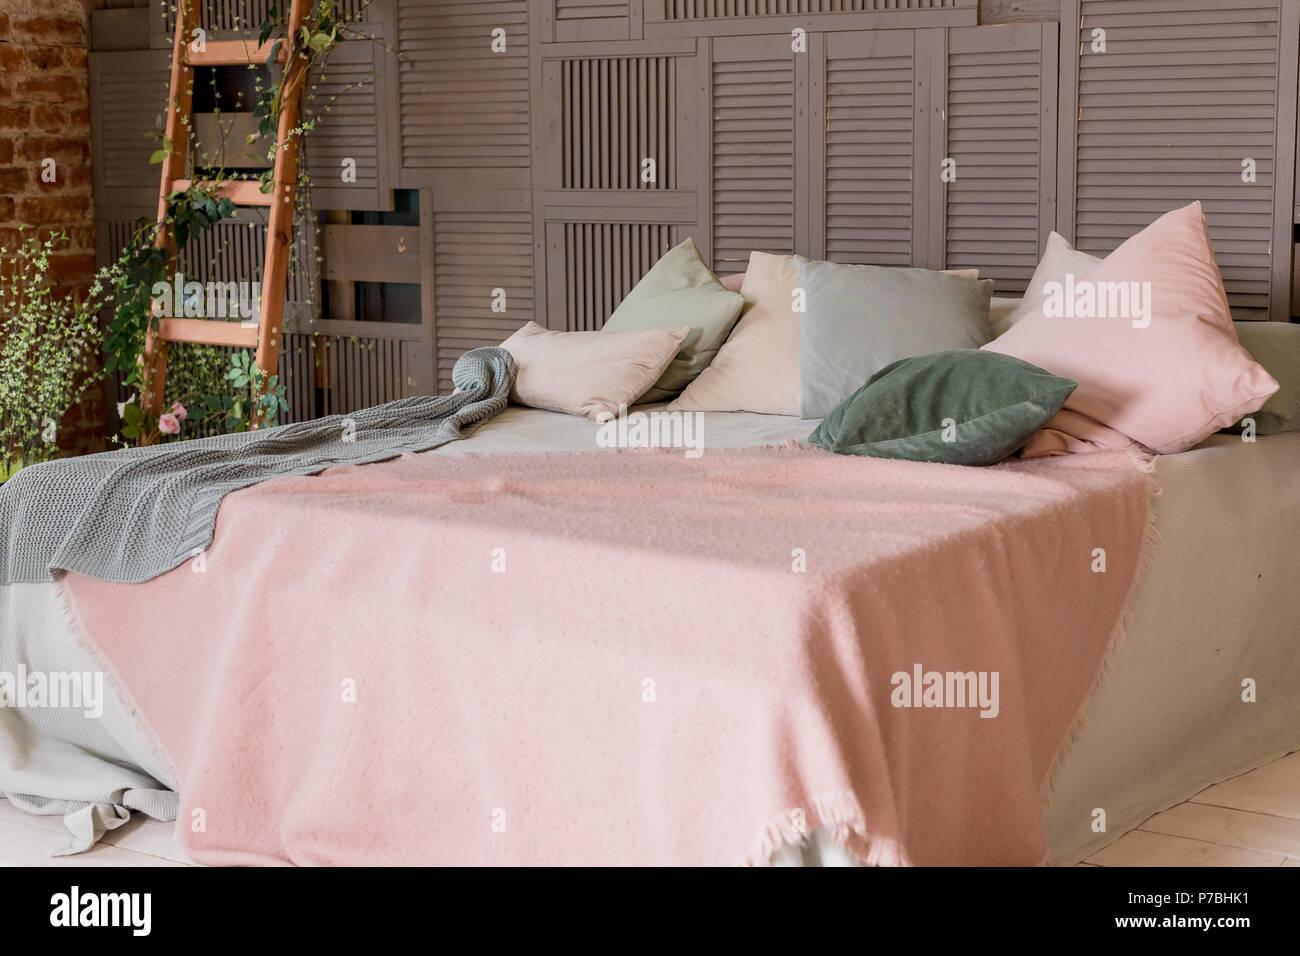 Couverture rose beige clair sur le lit avec oreillers menthe ...